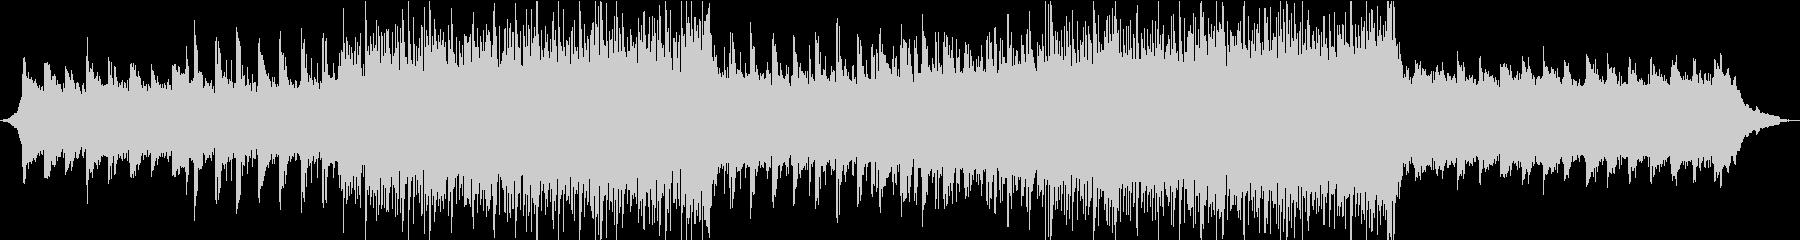 印象に残るメロディのピアノ・ギターロックの未再生の波形